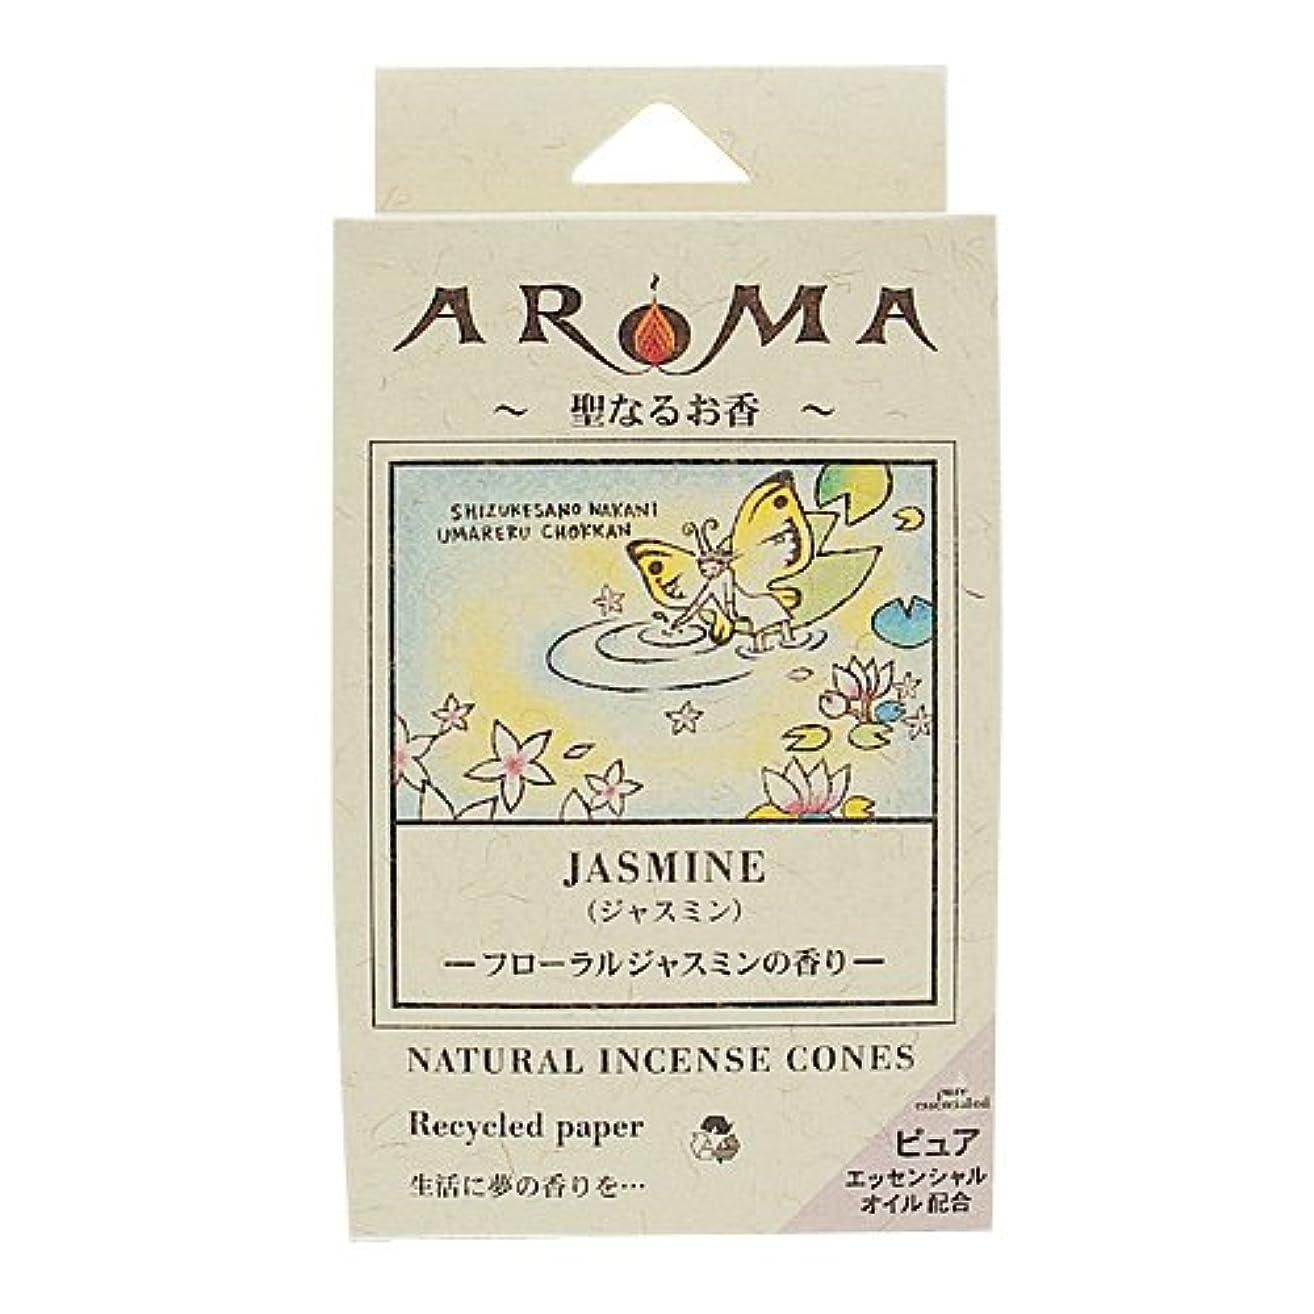 調整するハイライト補正アロマ香 ジャスミン 16粒(コーンタイプインセンス 1粒の燃焼時間約20分 フローラルジャスミンの香り)